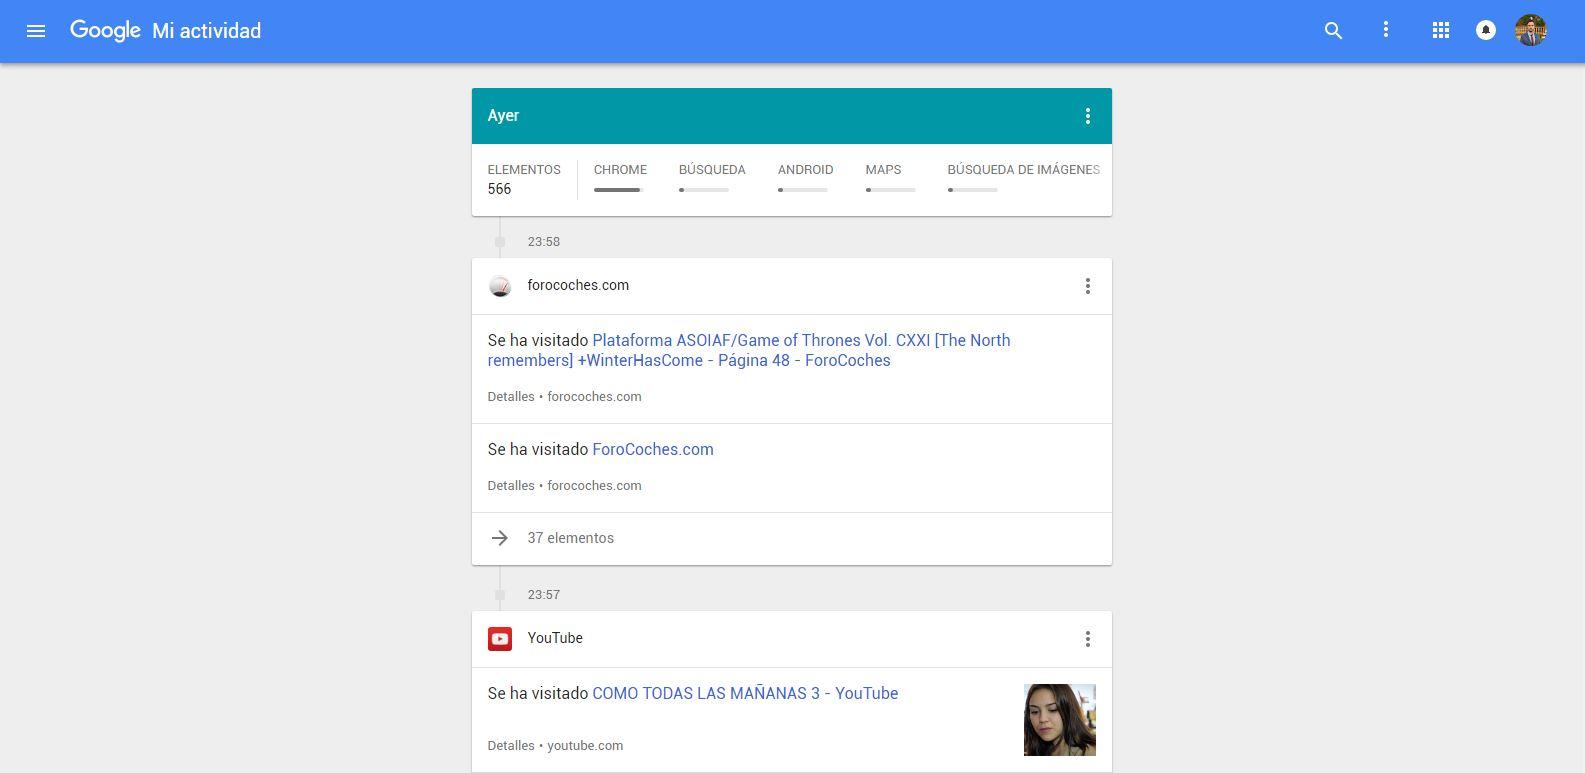 mi actividad google 1